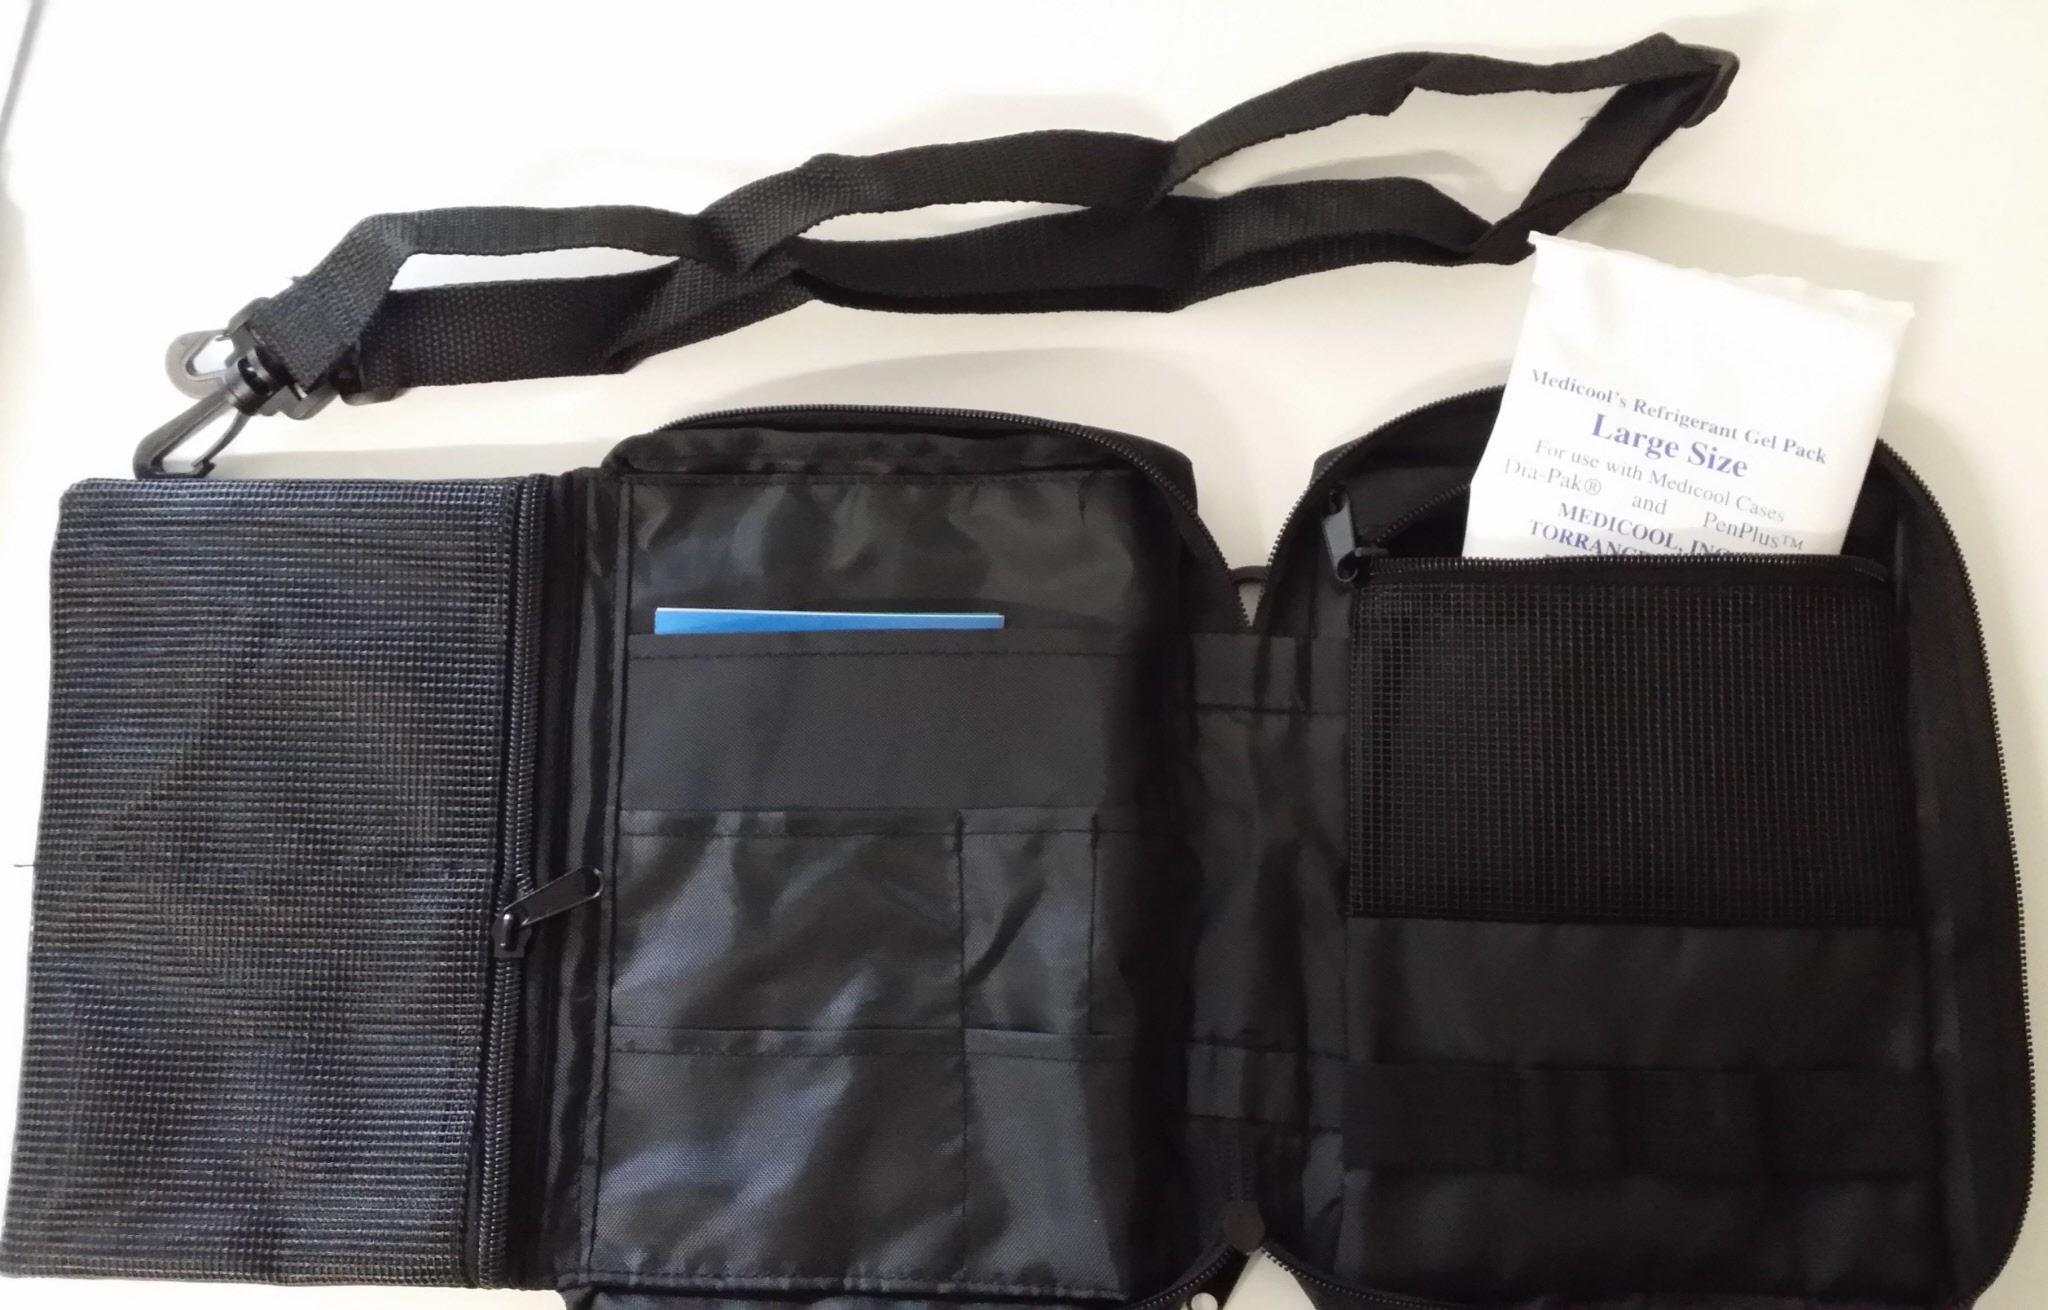 Medicool Diabetes Insulin Cool Bags Insulin Pen Case